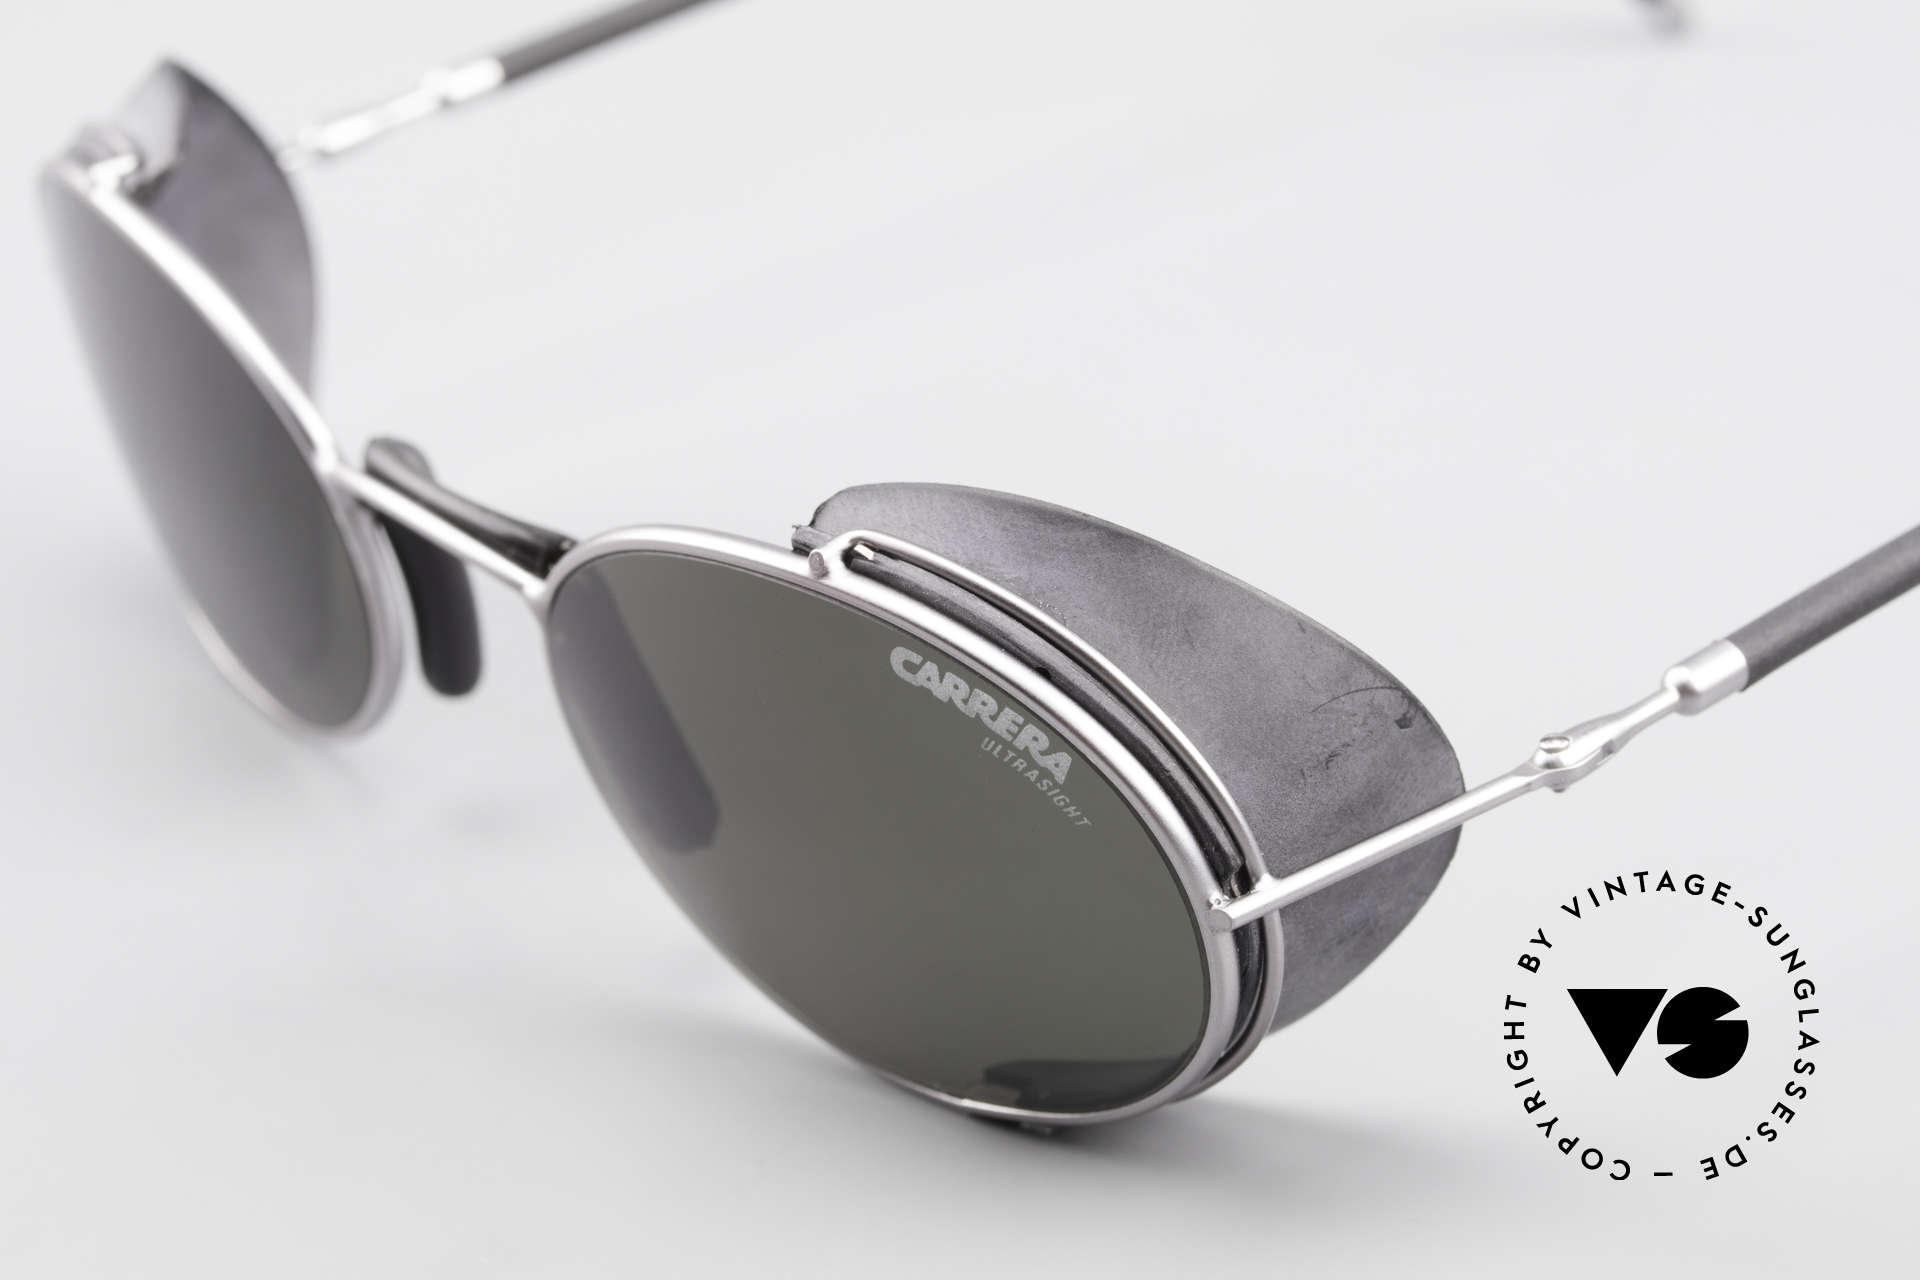 Carrera 5580 90er Sportbrille Steampunk, KEIN Retro; ein altes Original mit 100% UV Schutz, Passend für Herren und Damen